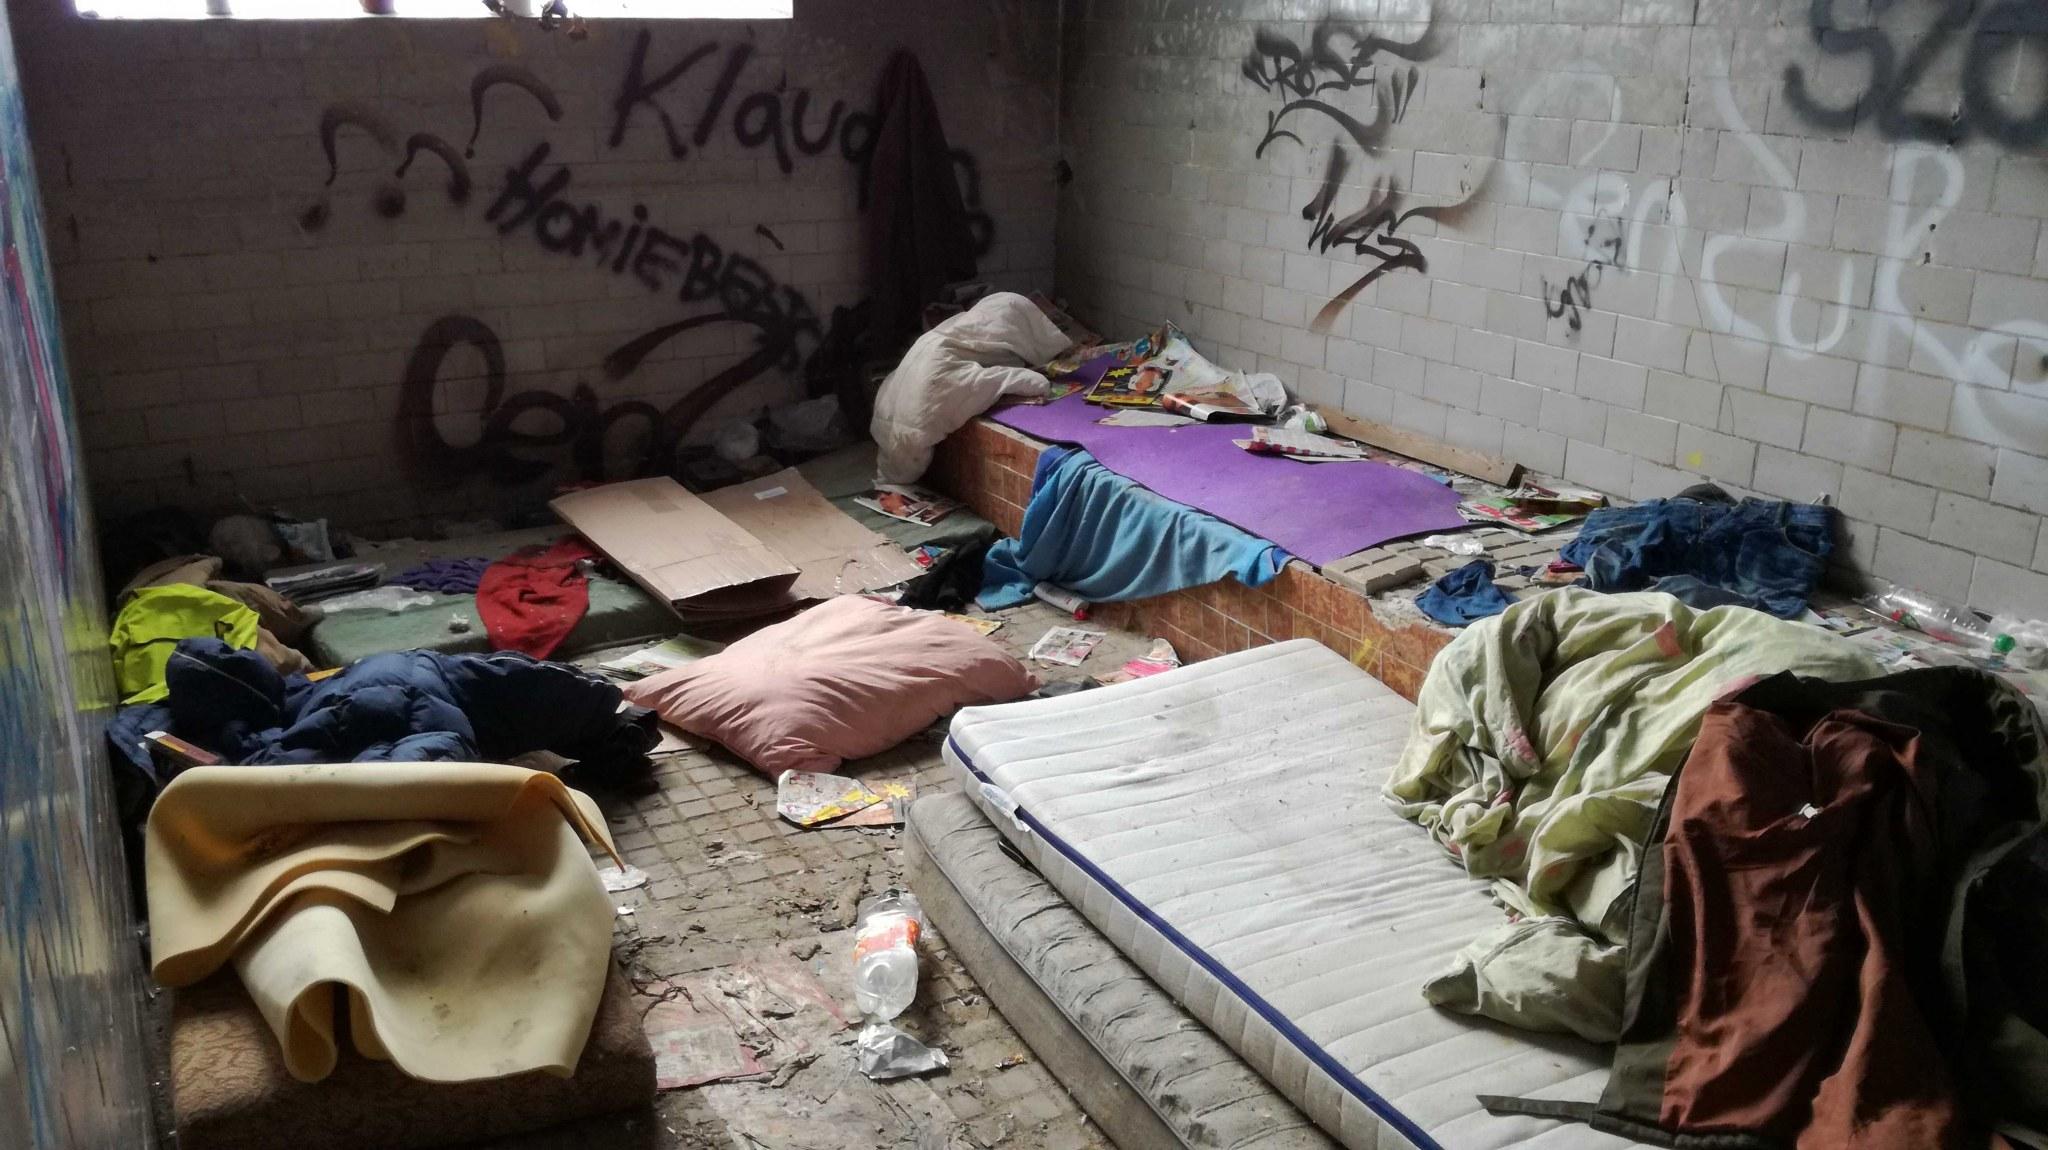 V poslednom objekte bývalých bardejovských kasární sa usídlili ľudia z ulice. Spia vo vlastných výkaloch.